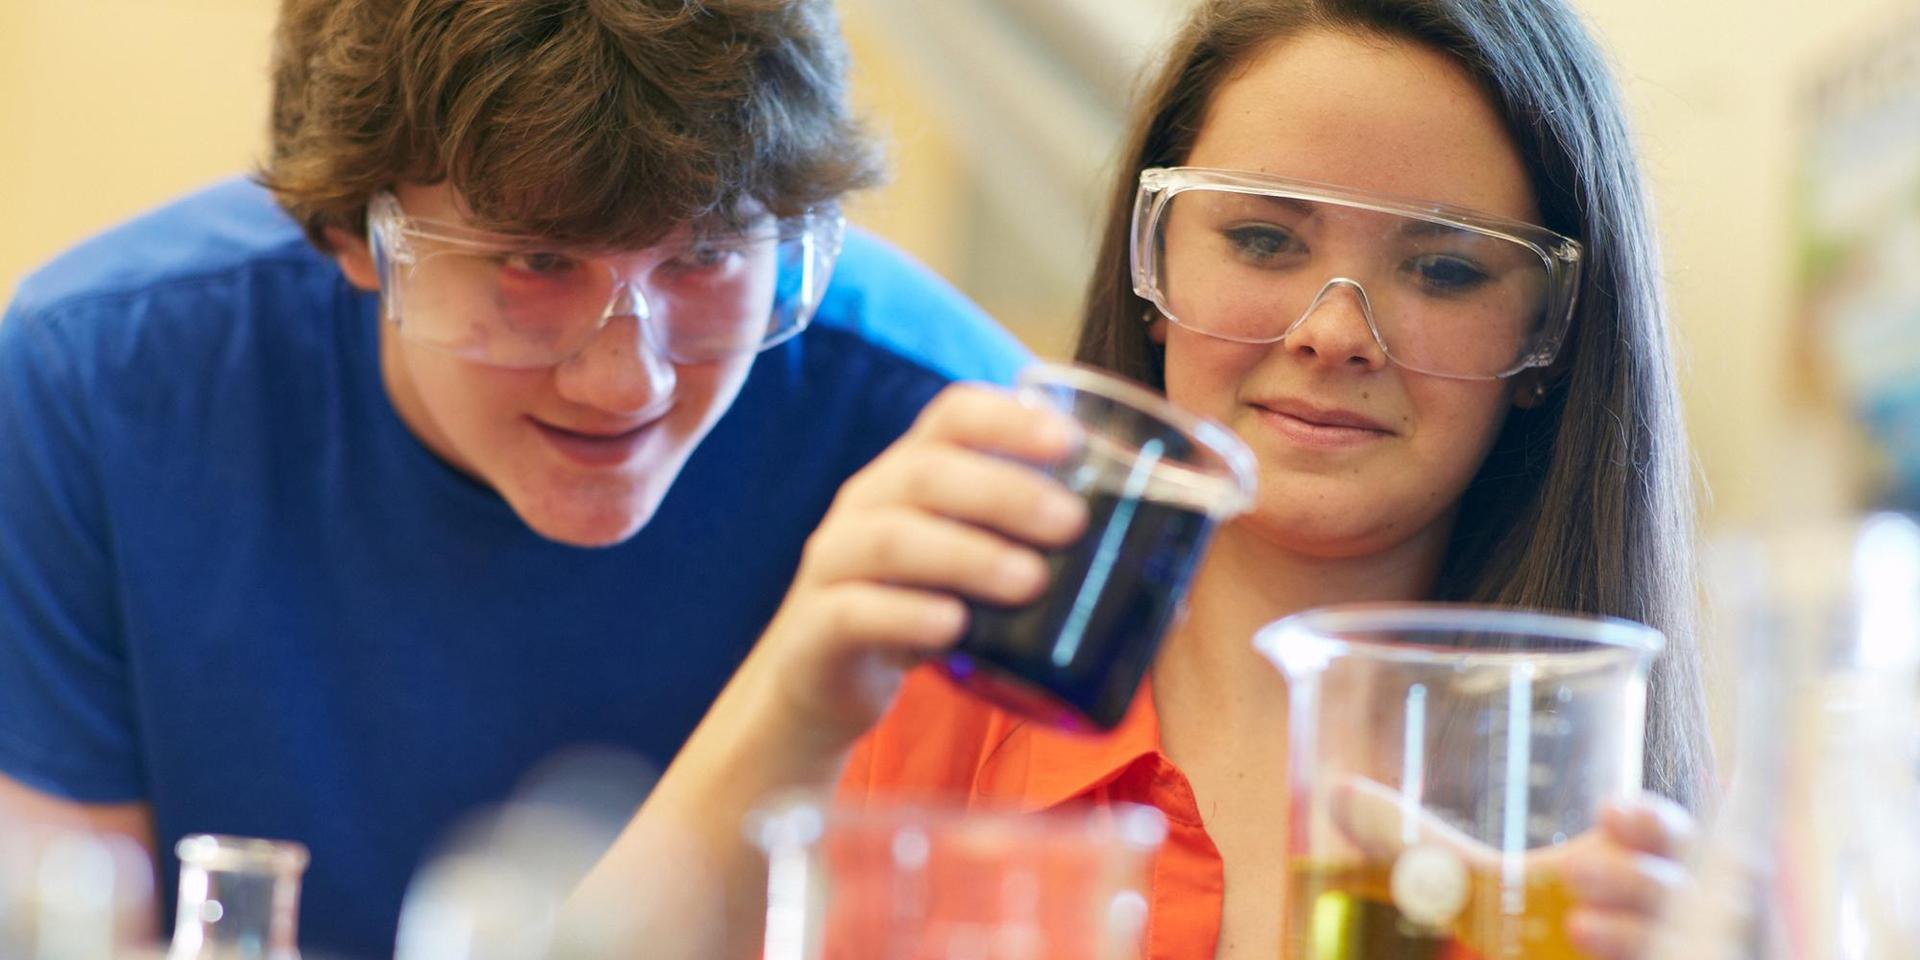 两个学生正在用烧杯里的液体做化学实验.